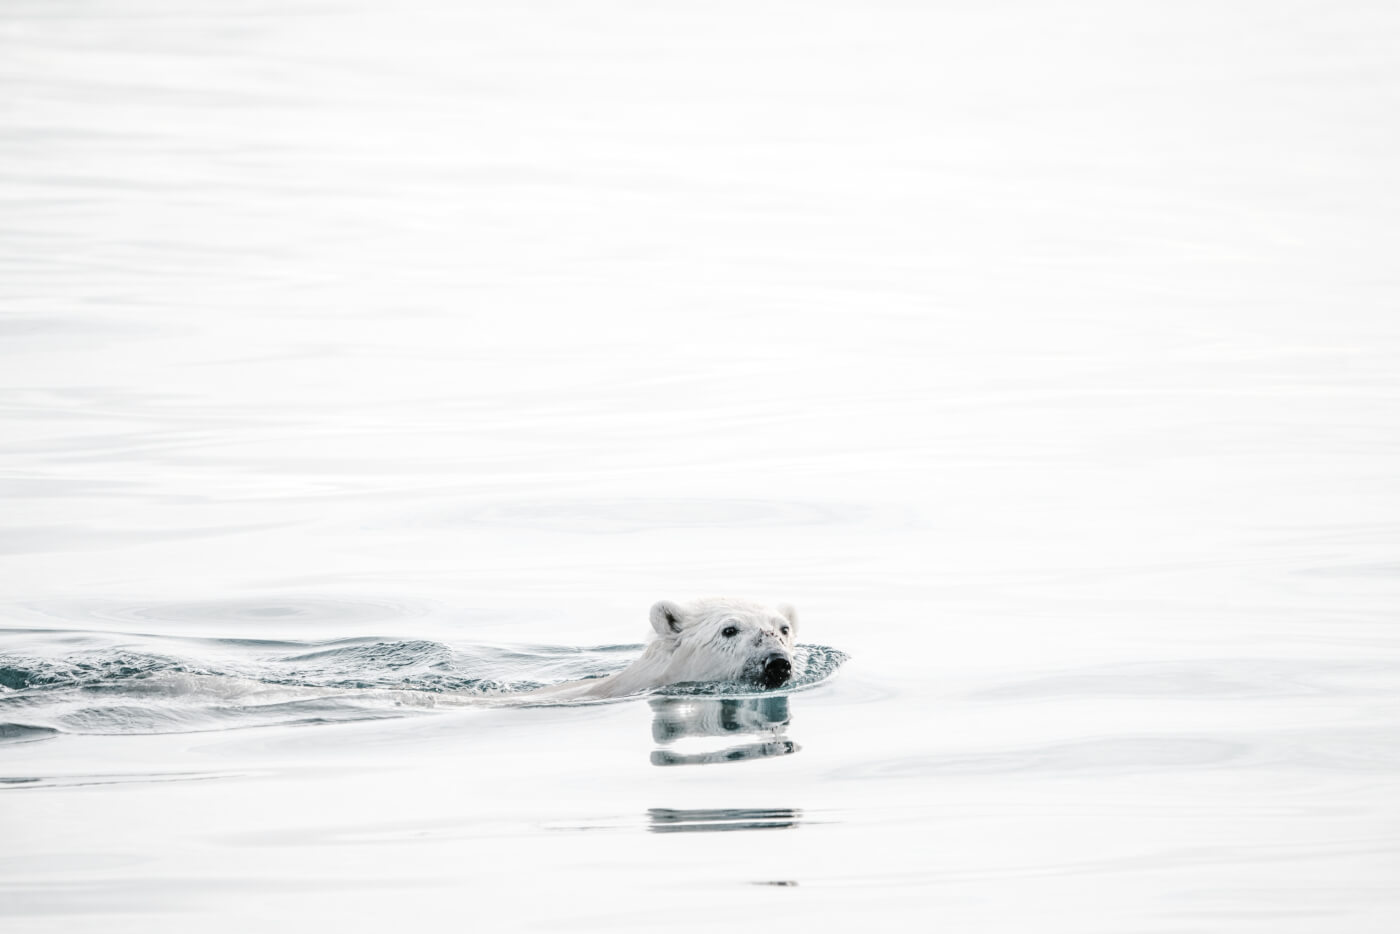 Deze hongerige ijsbeer bewijst waarom pescotariër zijn niet genoeg is